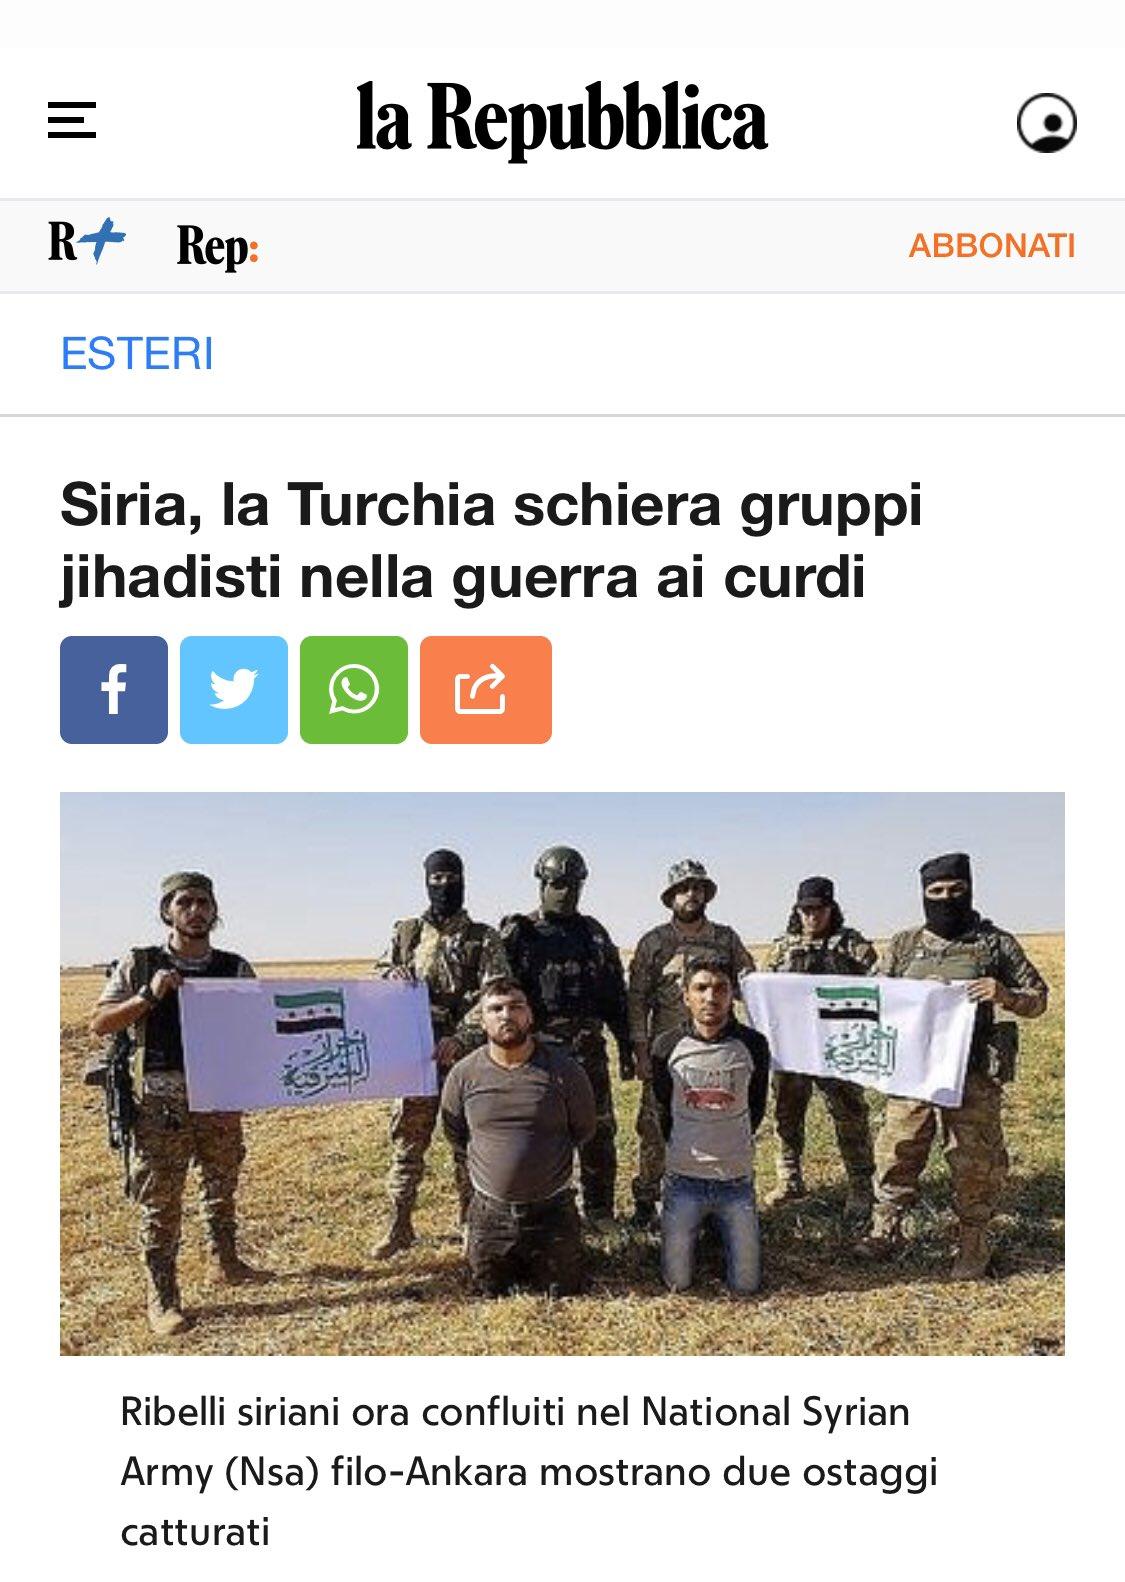 PER CAPIRE E RICORDARE  (mentre i media spargono lacrime sui curdi democratici)